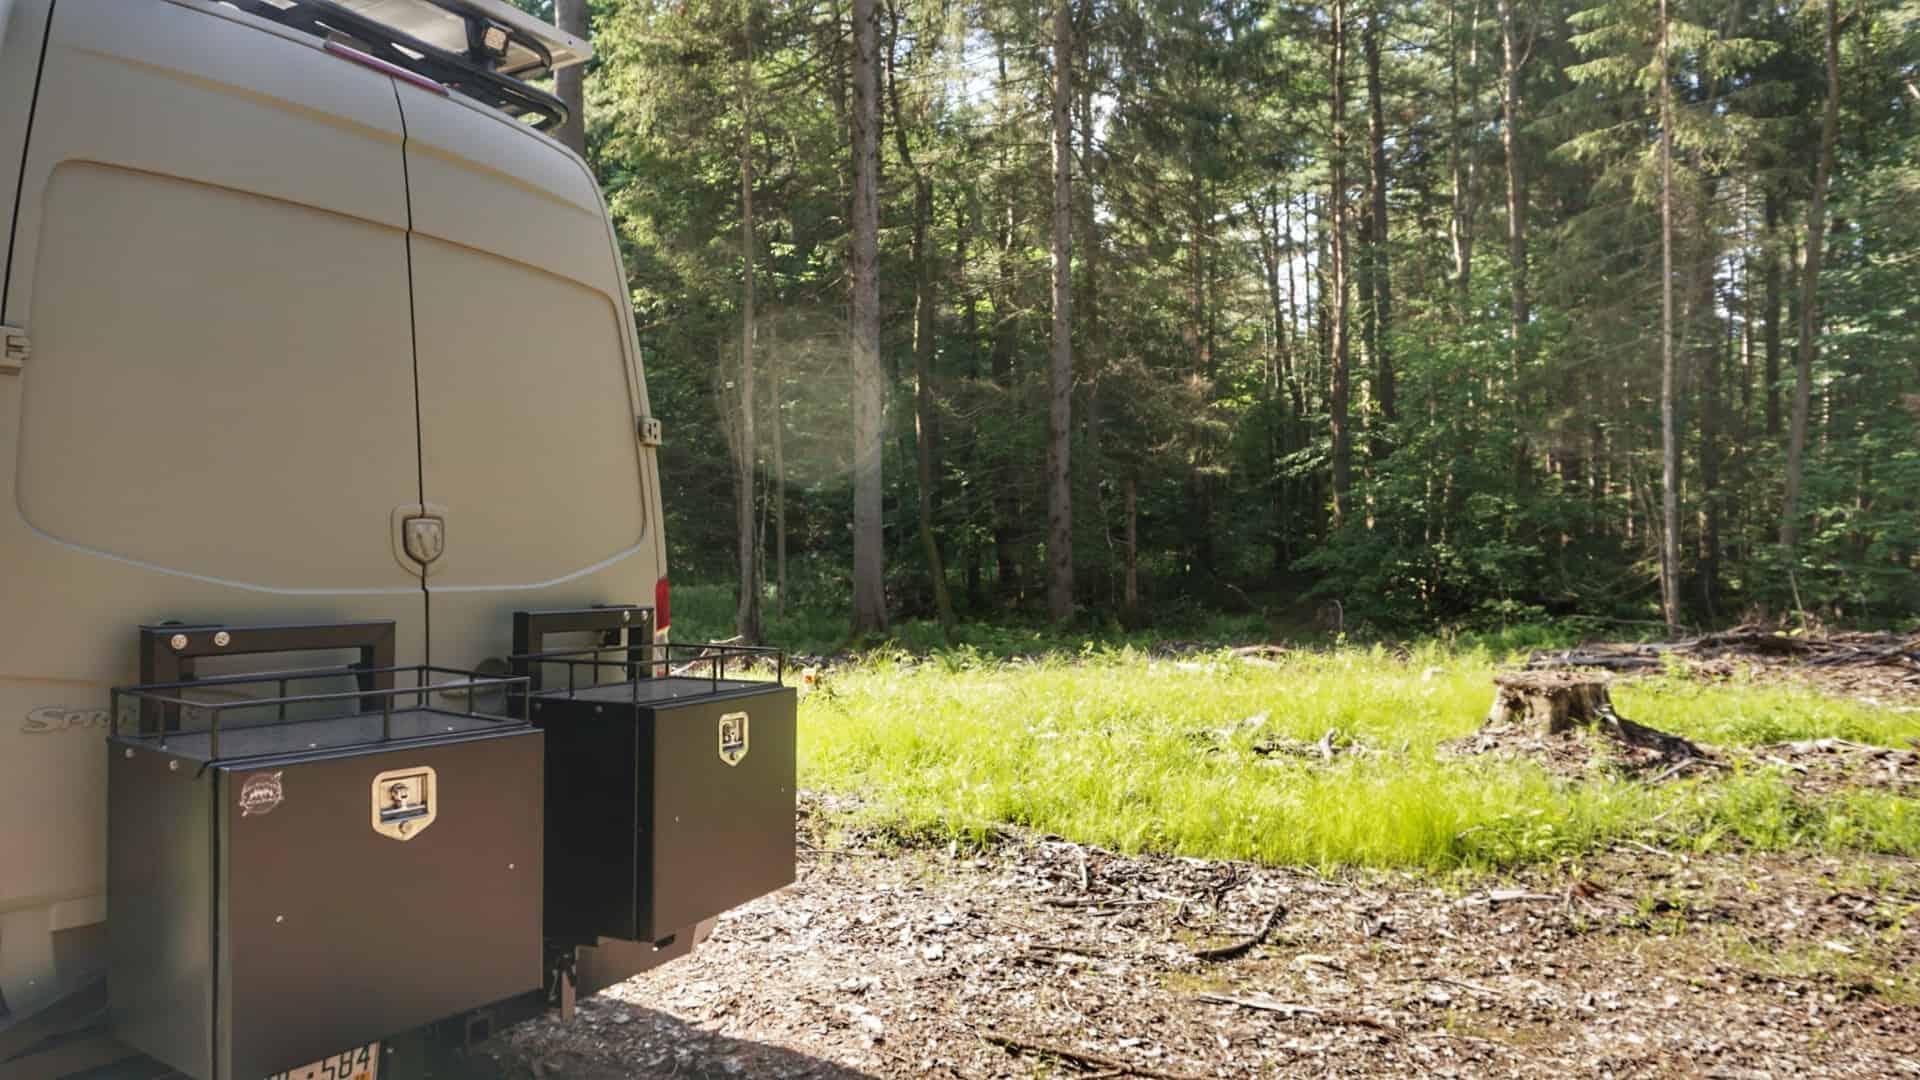 Free Campsite Winona State Forest